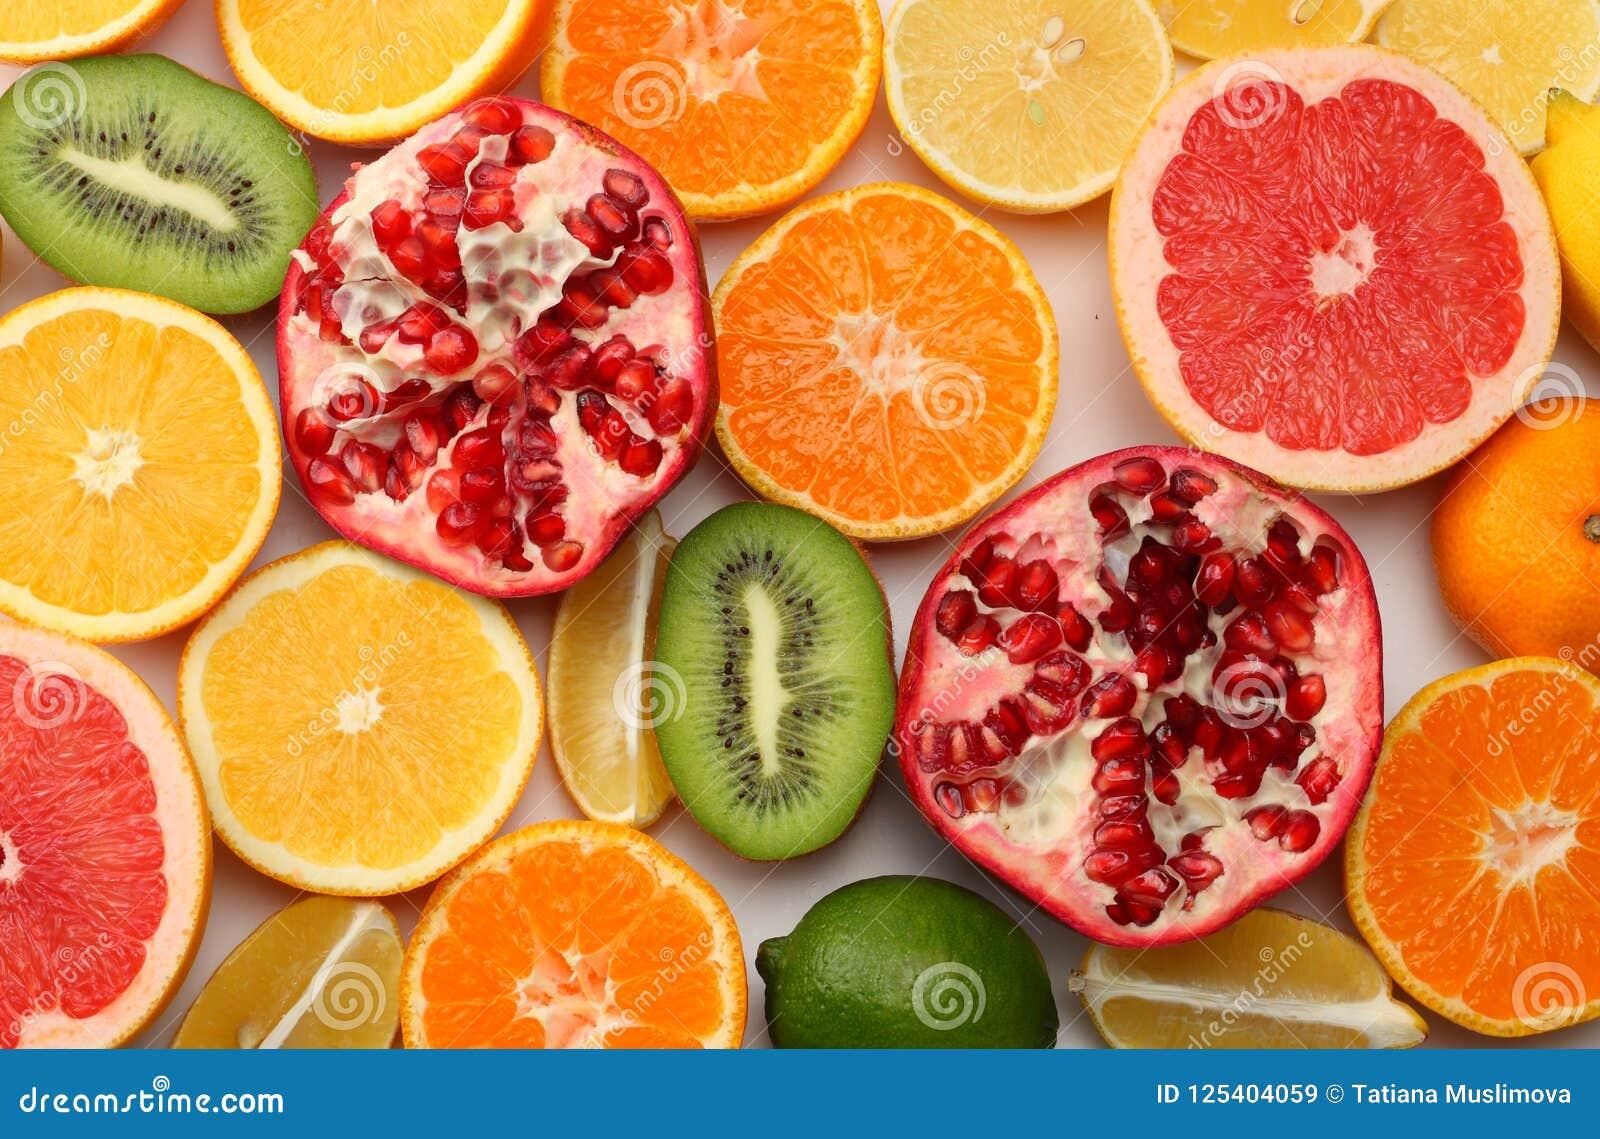 Alimento saudável misture o limão cortado, o cal verde, a laranja, o mandarino, o fruto de quivi e a toranja isolados no fundo br